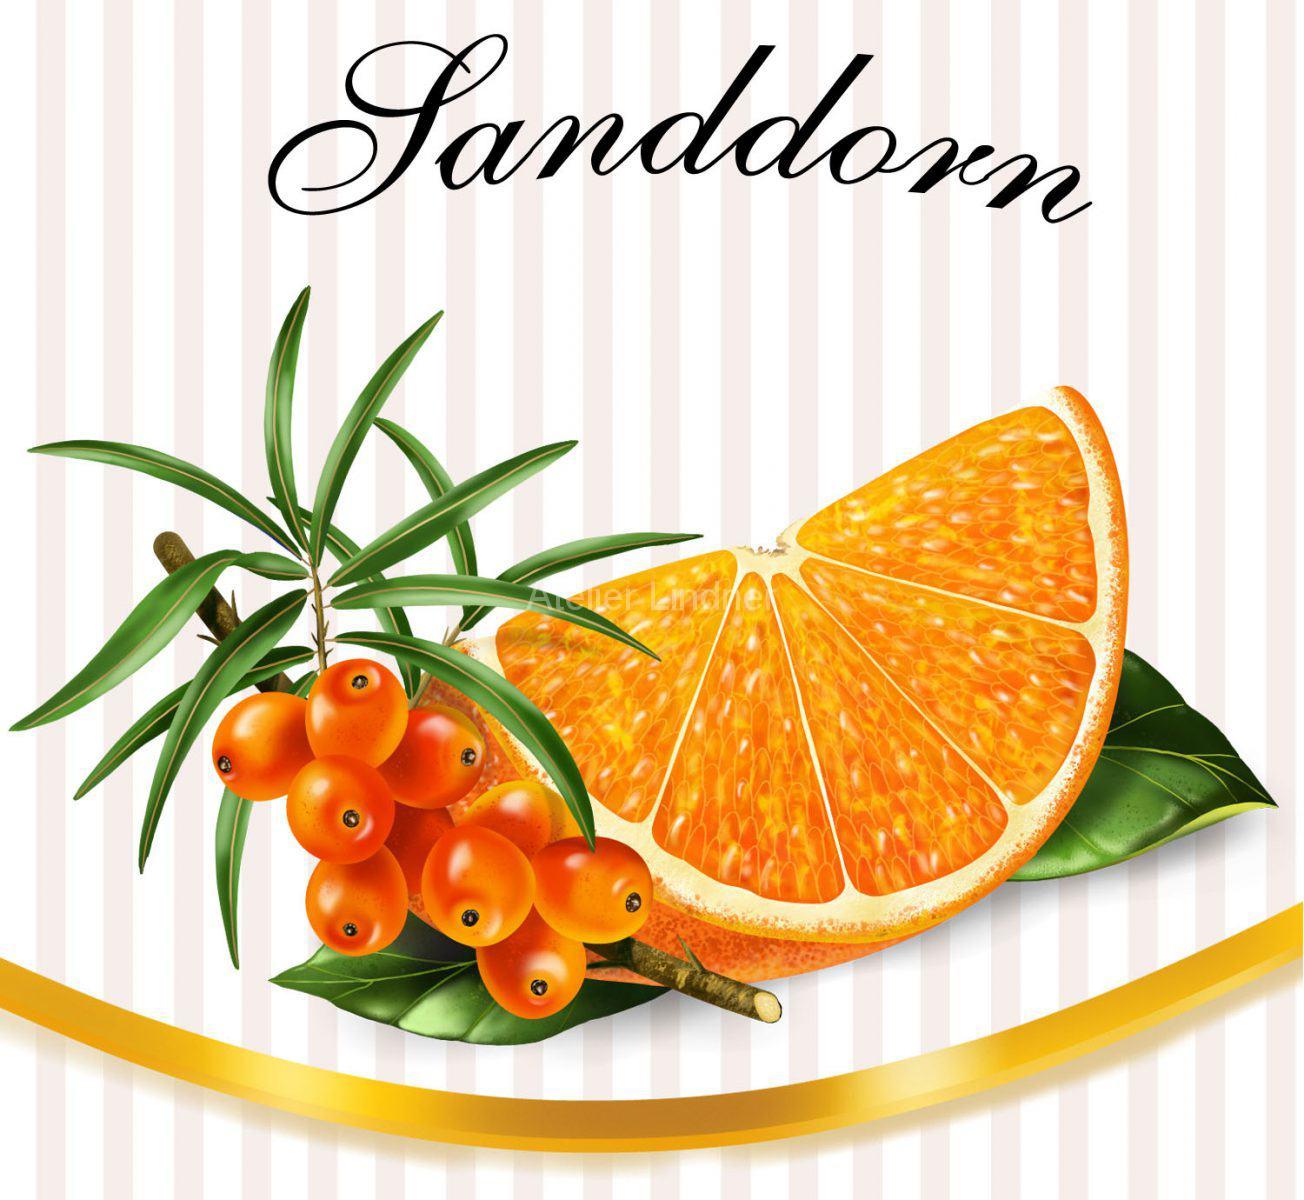 sanddorn-1